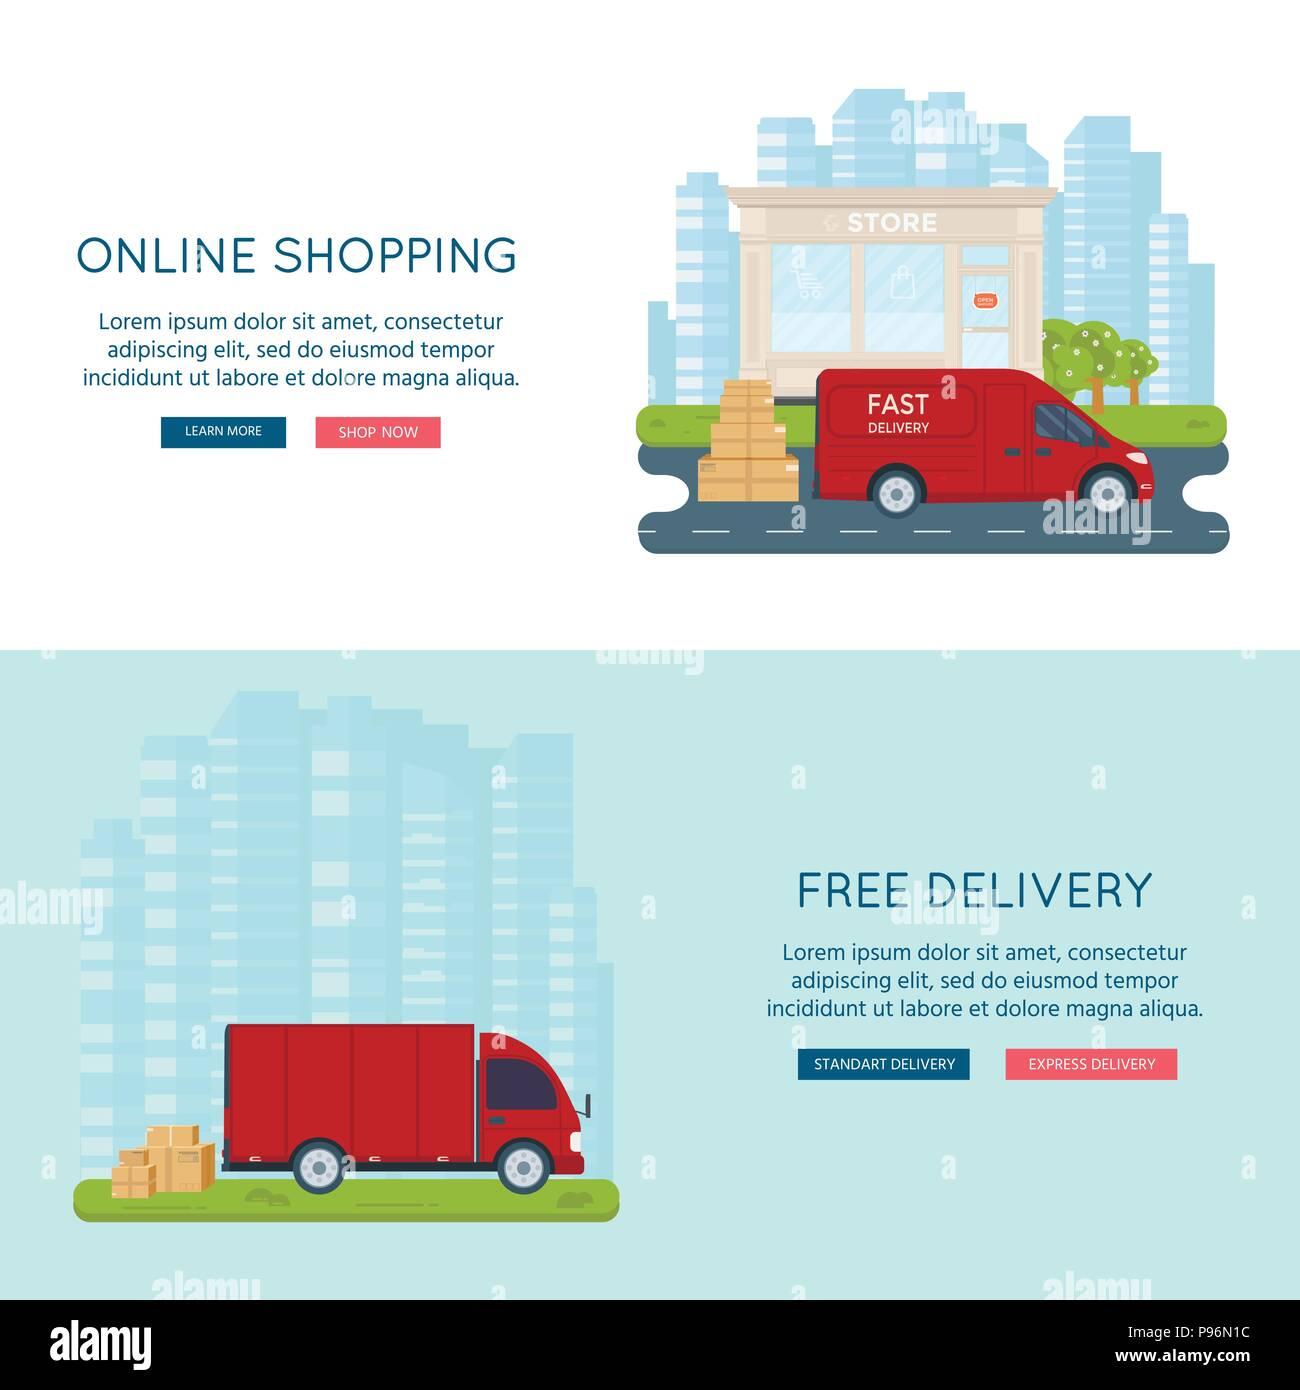 8d48b00bf1 La logistica e il servizio di consegna del concetto: carrello, autocarro,  furgone con store, il negozio e la città sullo sfondo. Servizio postale  banner ...